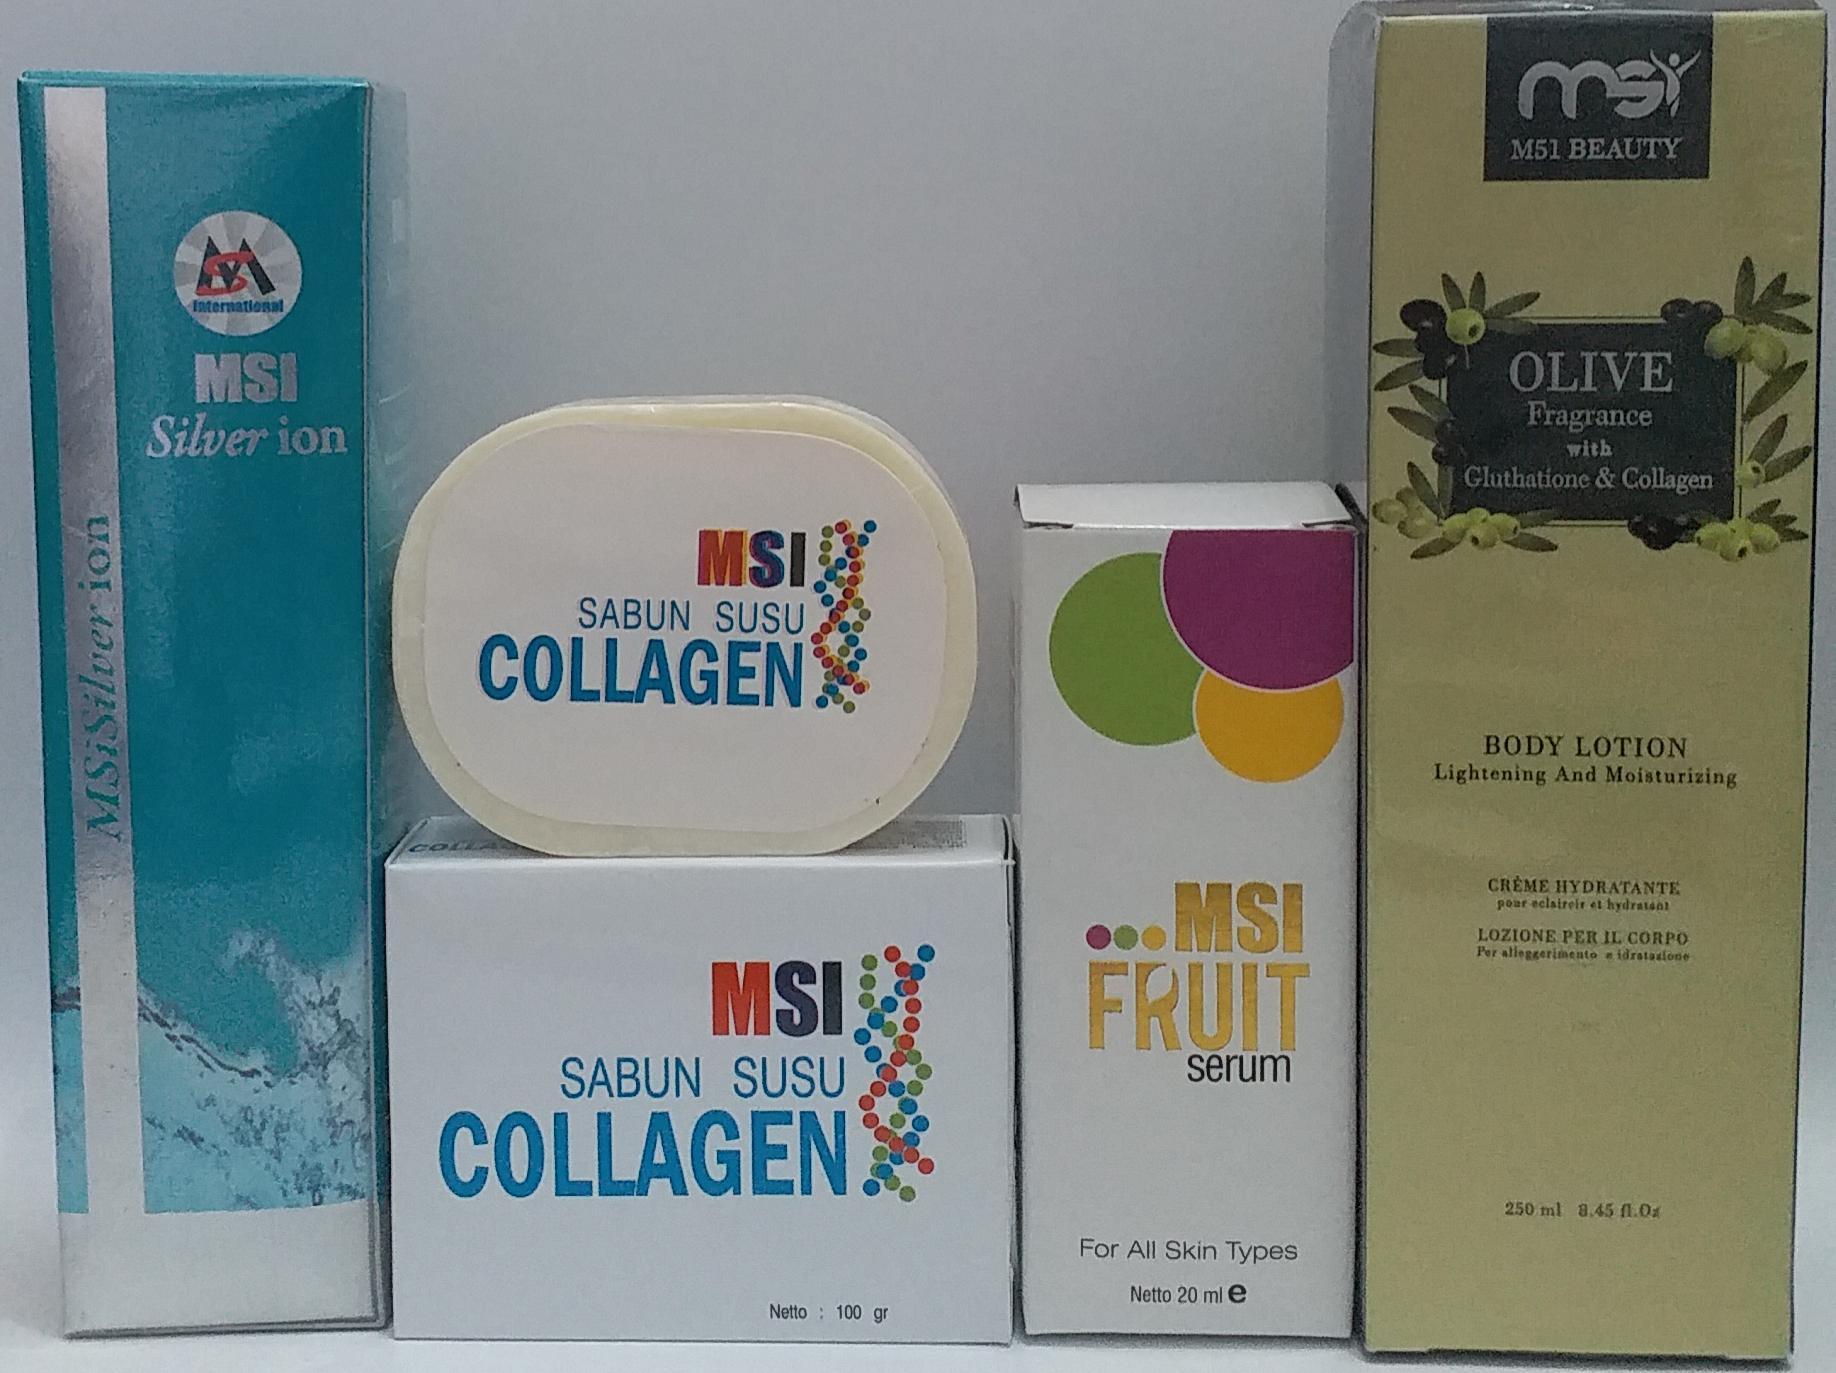 Harga Collagen Body Lotion Terbaru 2018 Murah Nasa Paket Msi Ion Silver Fruit Serum